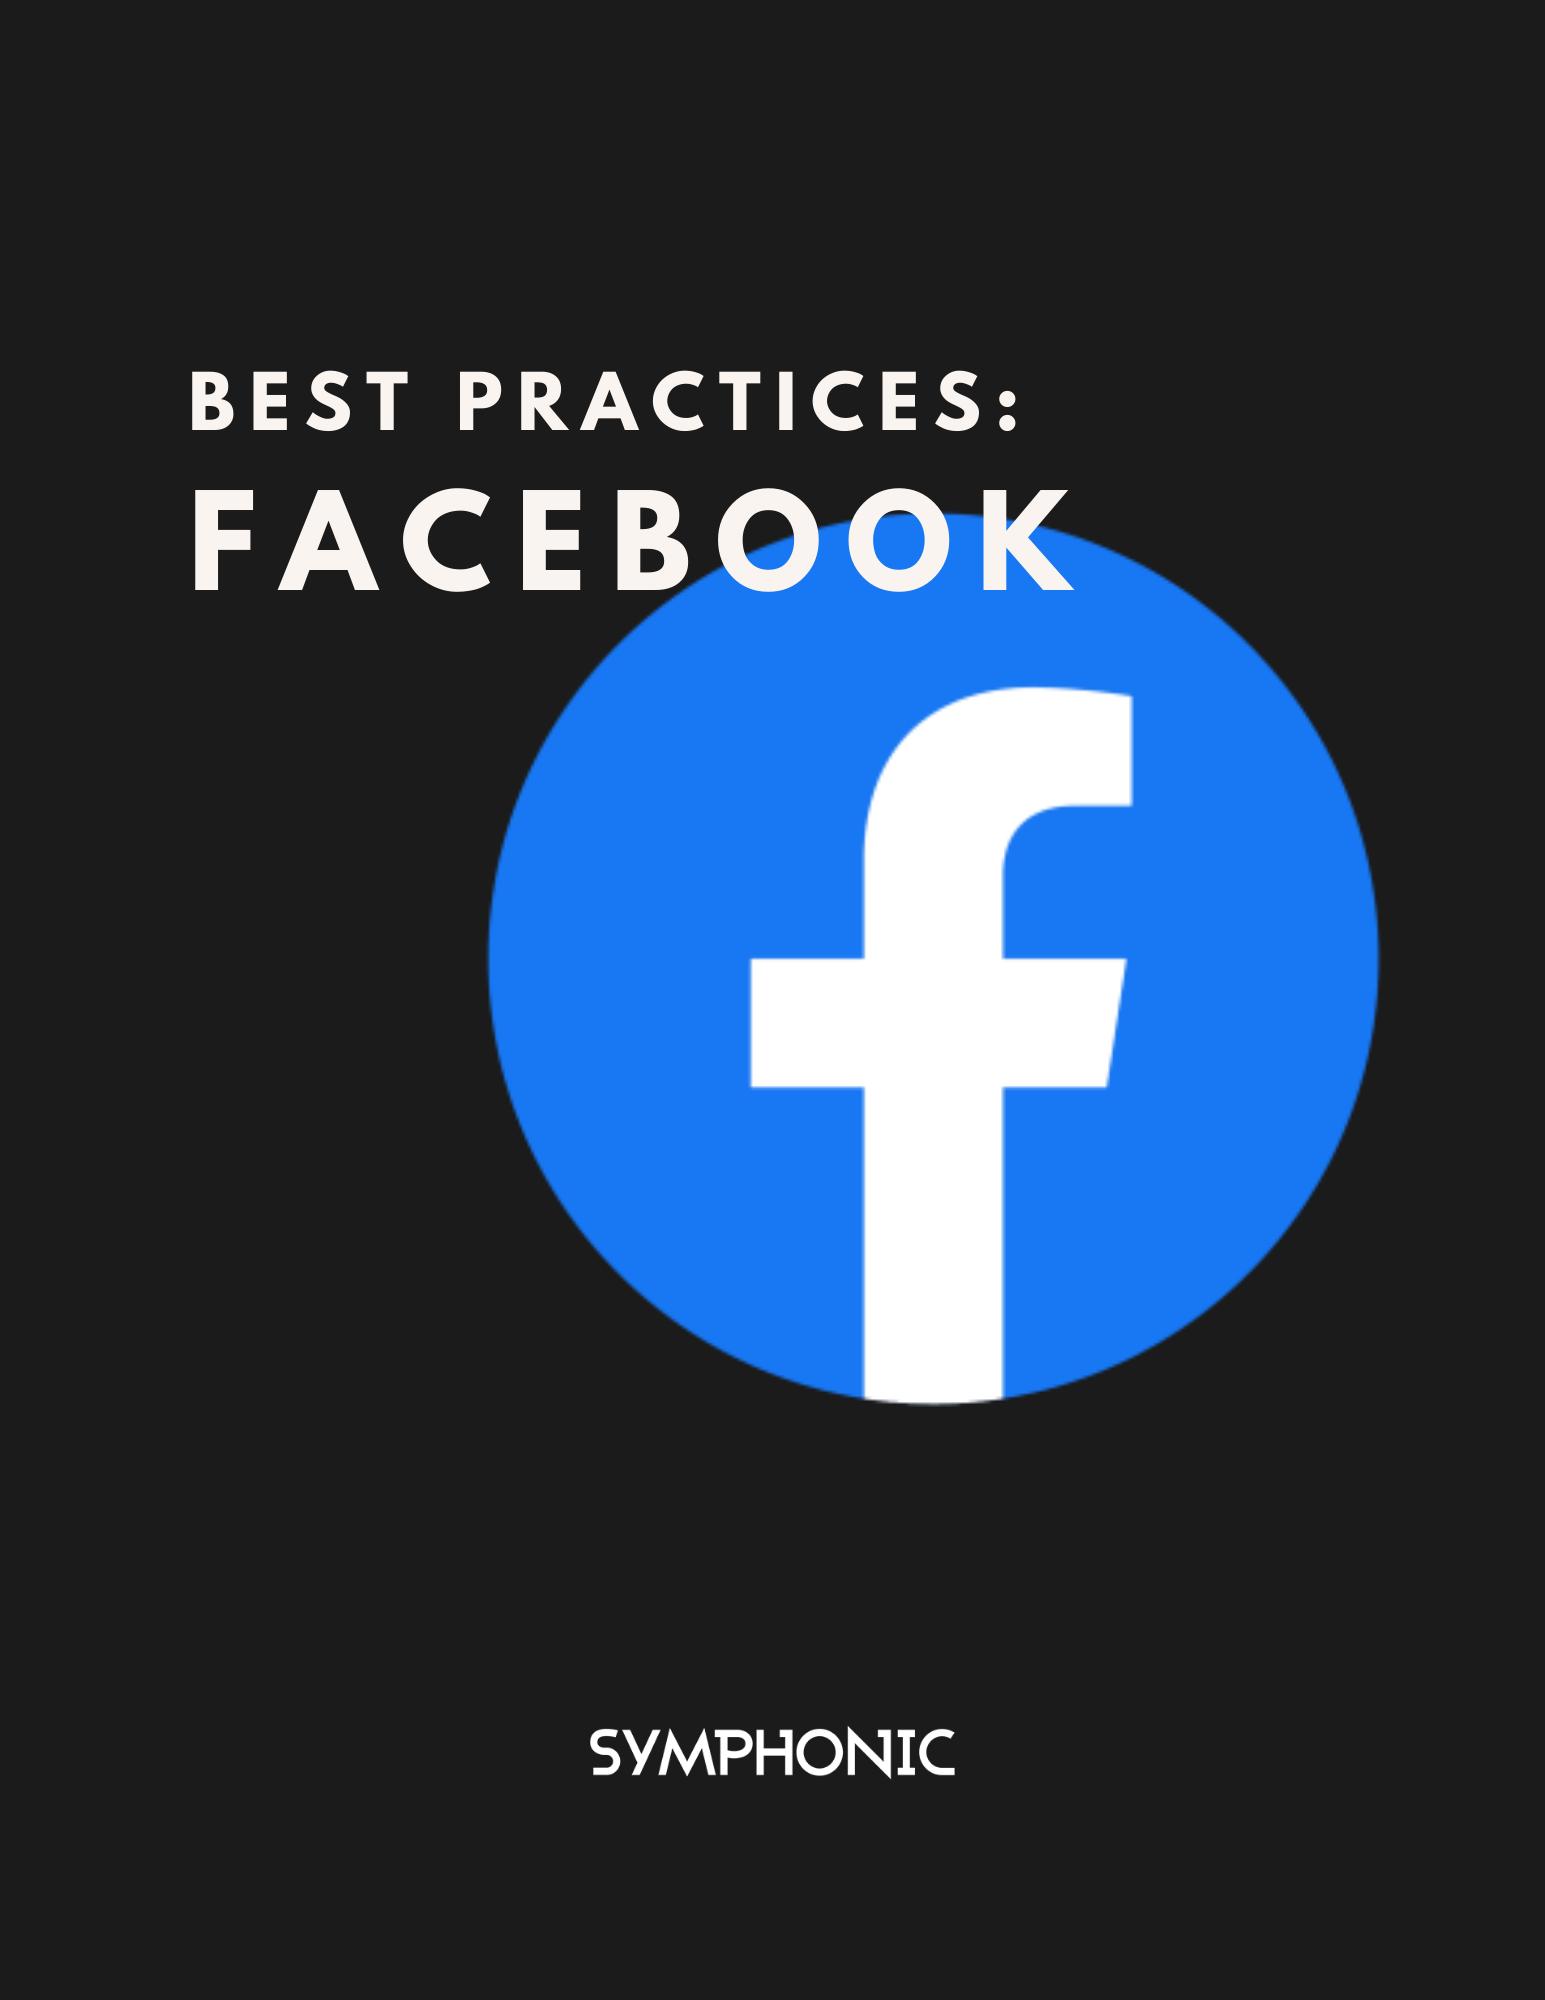 Best Practices Facebook